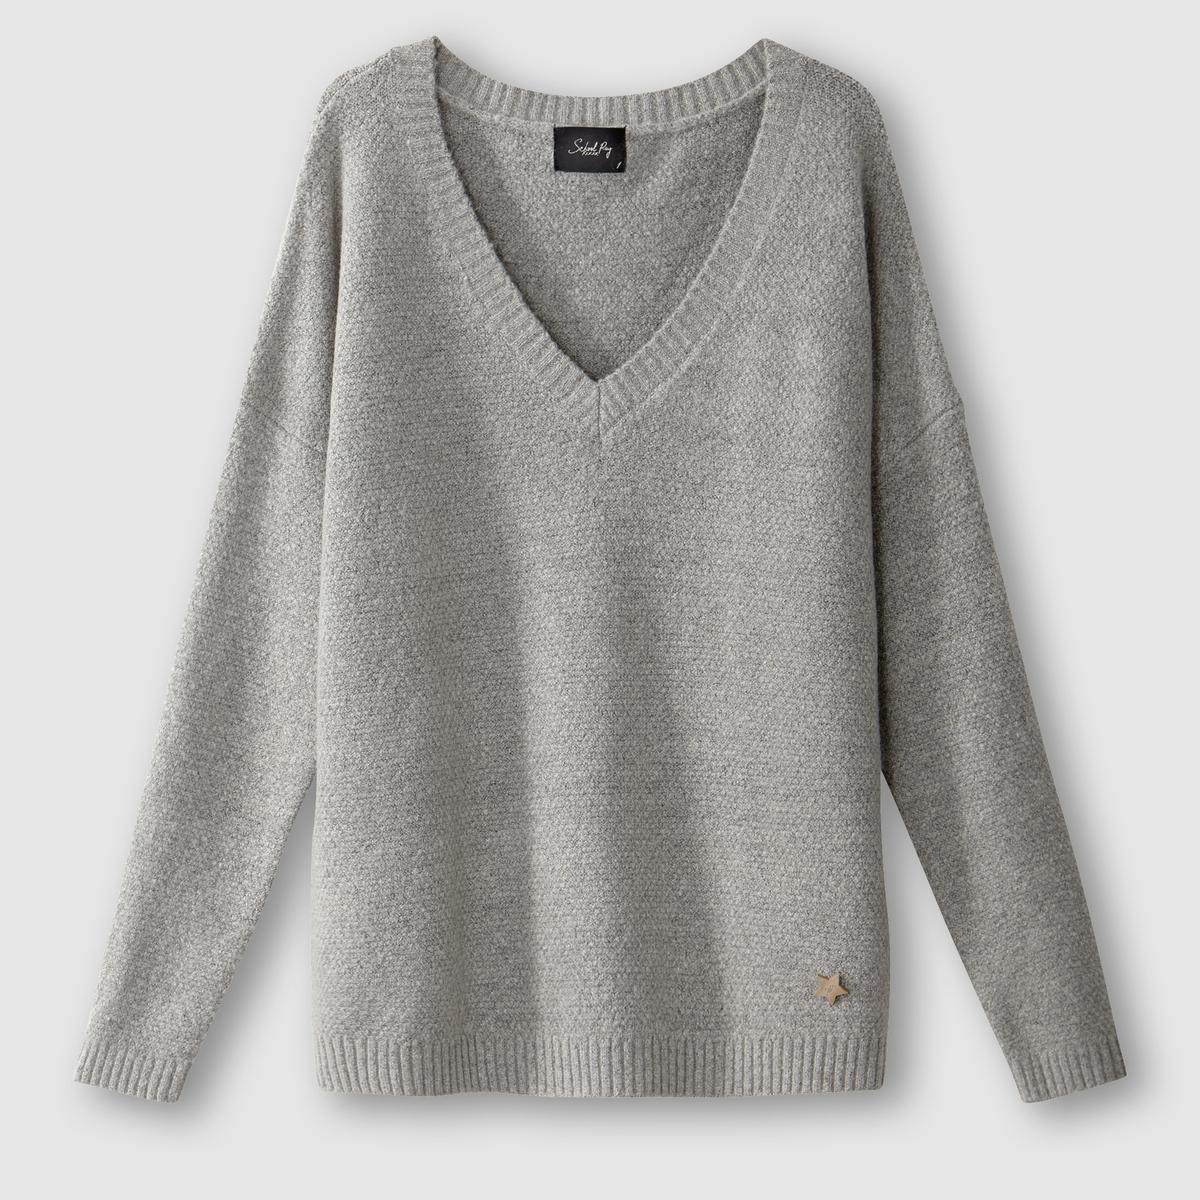 Пуловер с V-образным вырезом PAMELAСостав и описаниеМарка : SCHOOL RAGМодель : PAMELAМатериалы : 60% хлопка, 30% полиэстера, 10% шерсти<br><br>Цвет: светло-серый